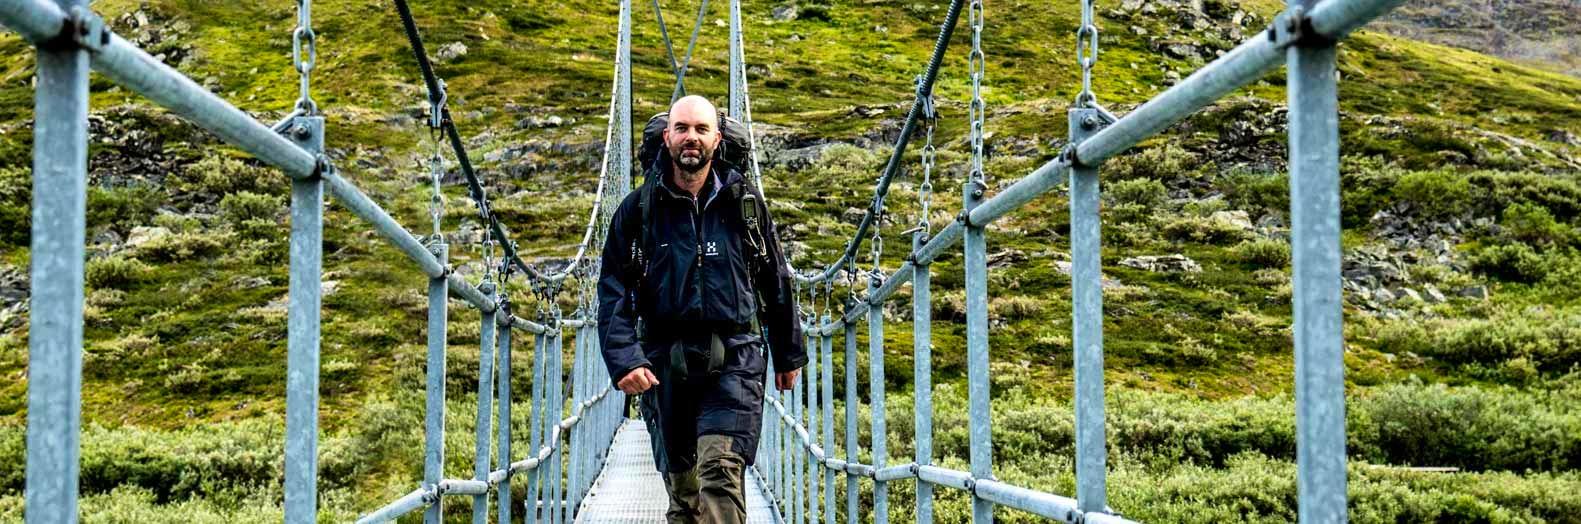 Manlig vandrare på hängbro på Kungsleden